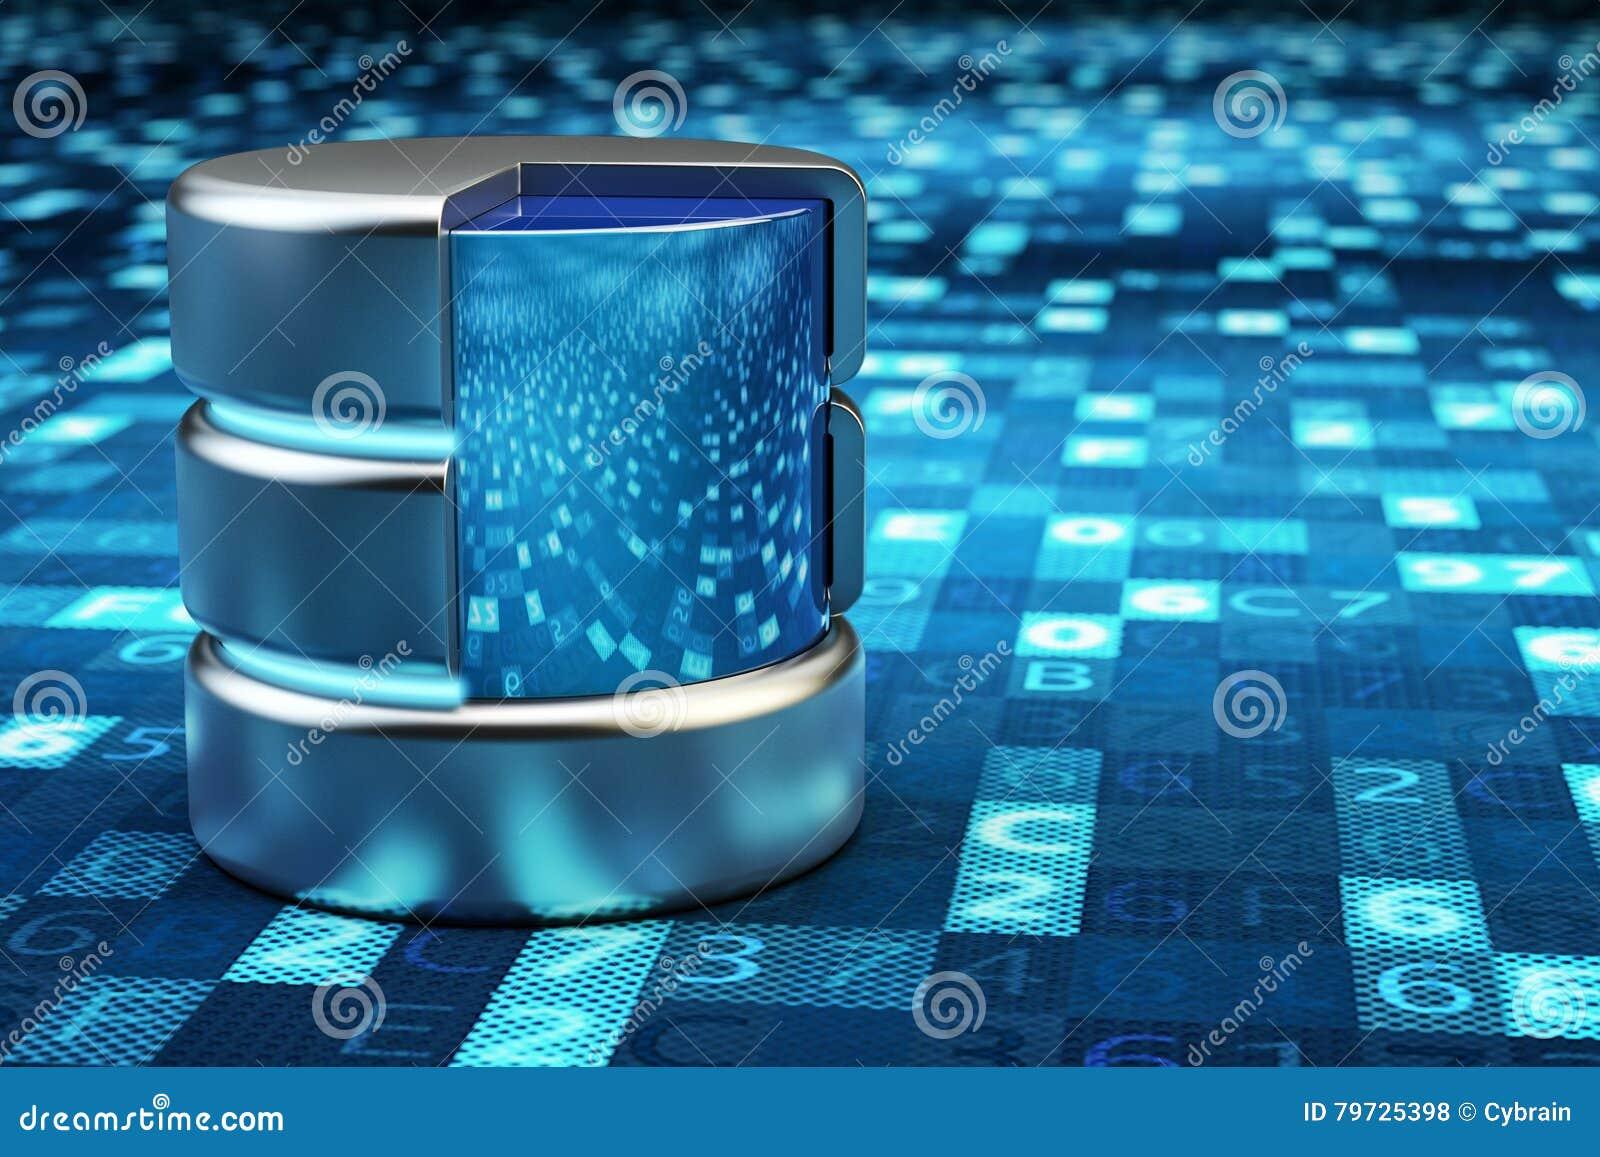 Almacenamiento de datos remotos, computación de la nube, servidor de datos de la red y concepto de la informática